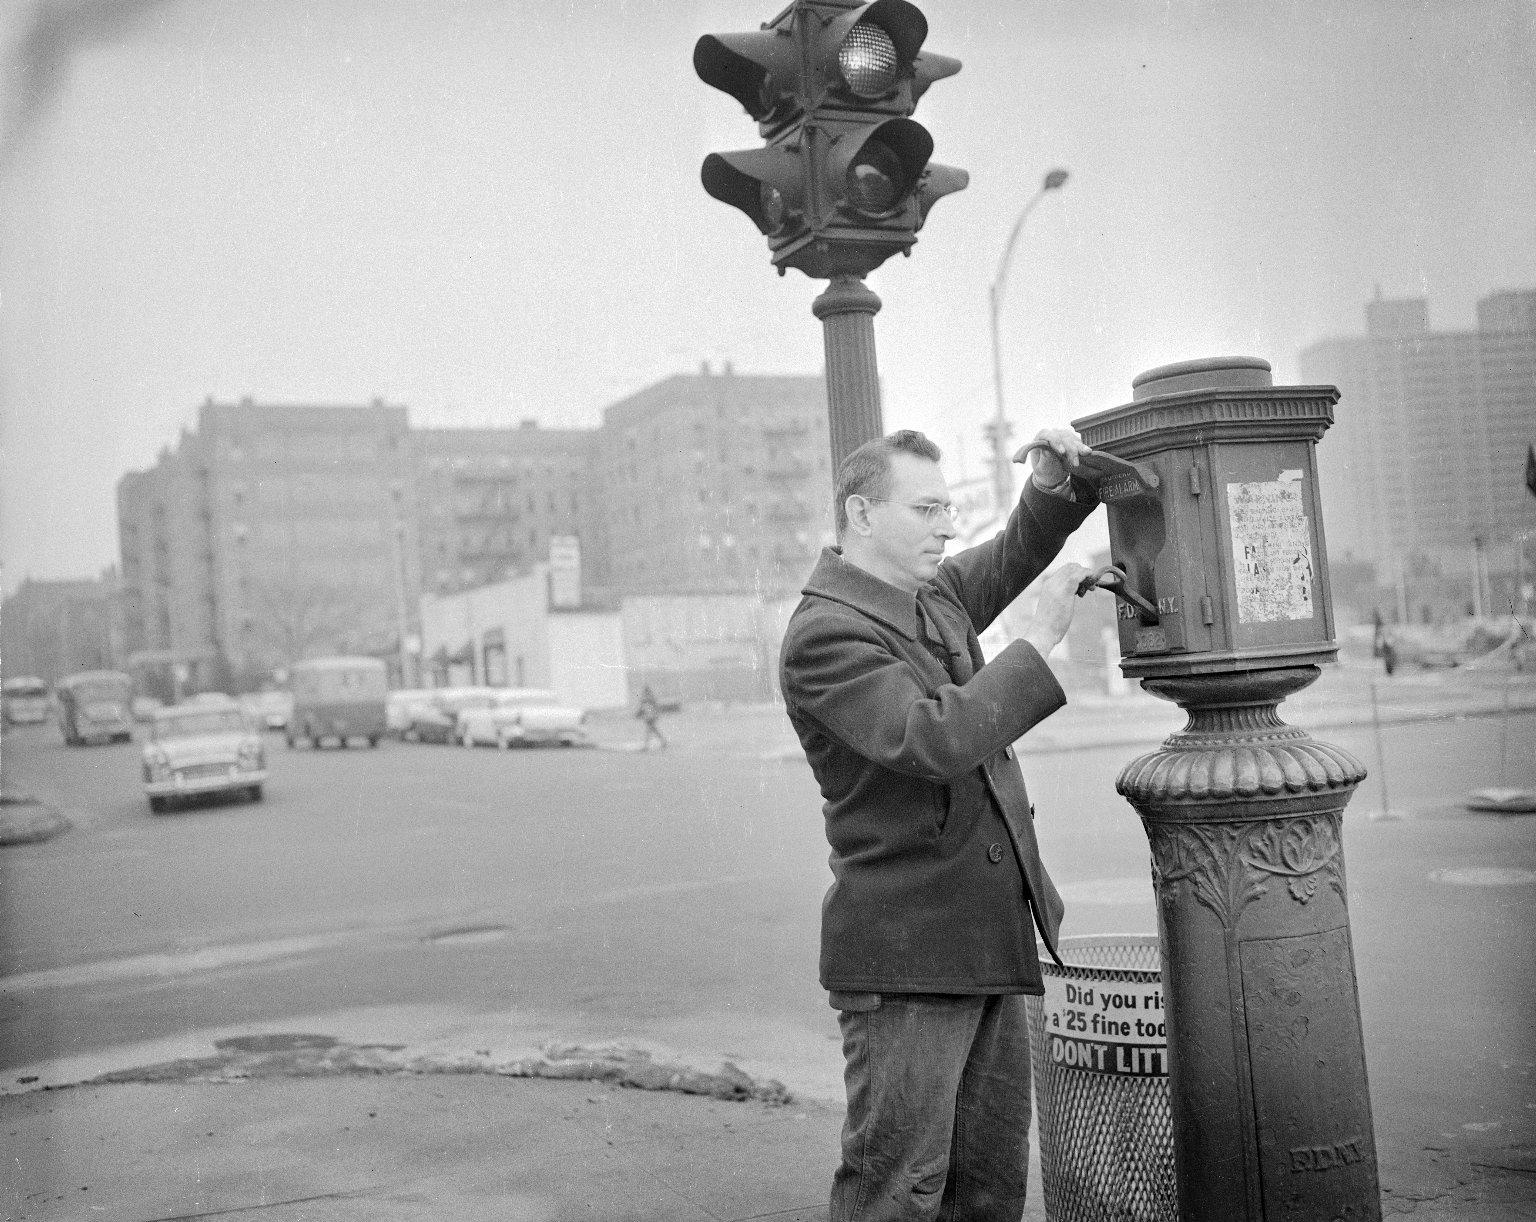 Тестирование уличной пожарной сигнализации. Нью-Йорк, США. 1950-е